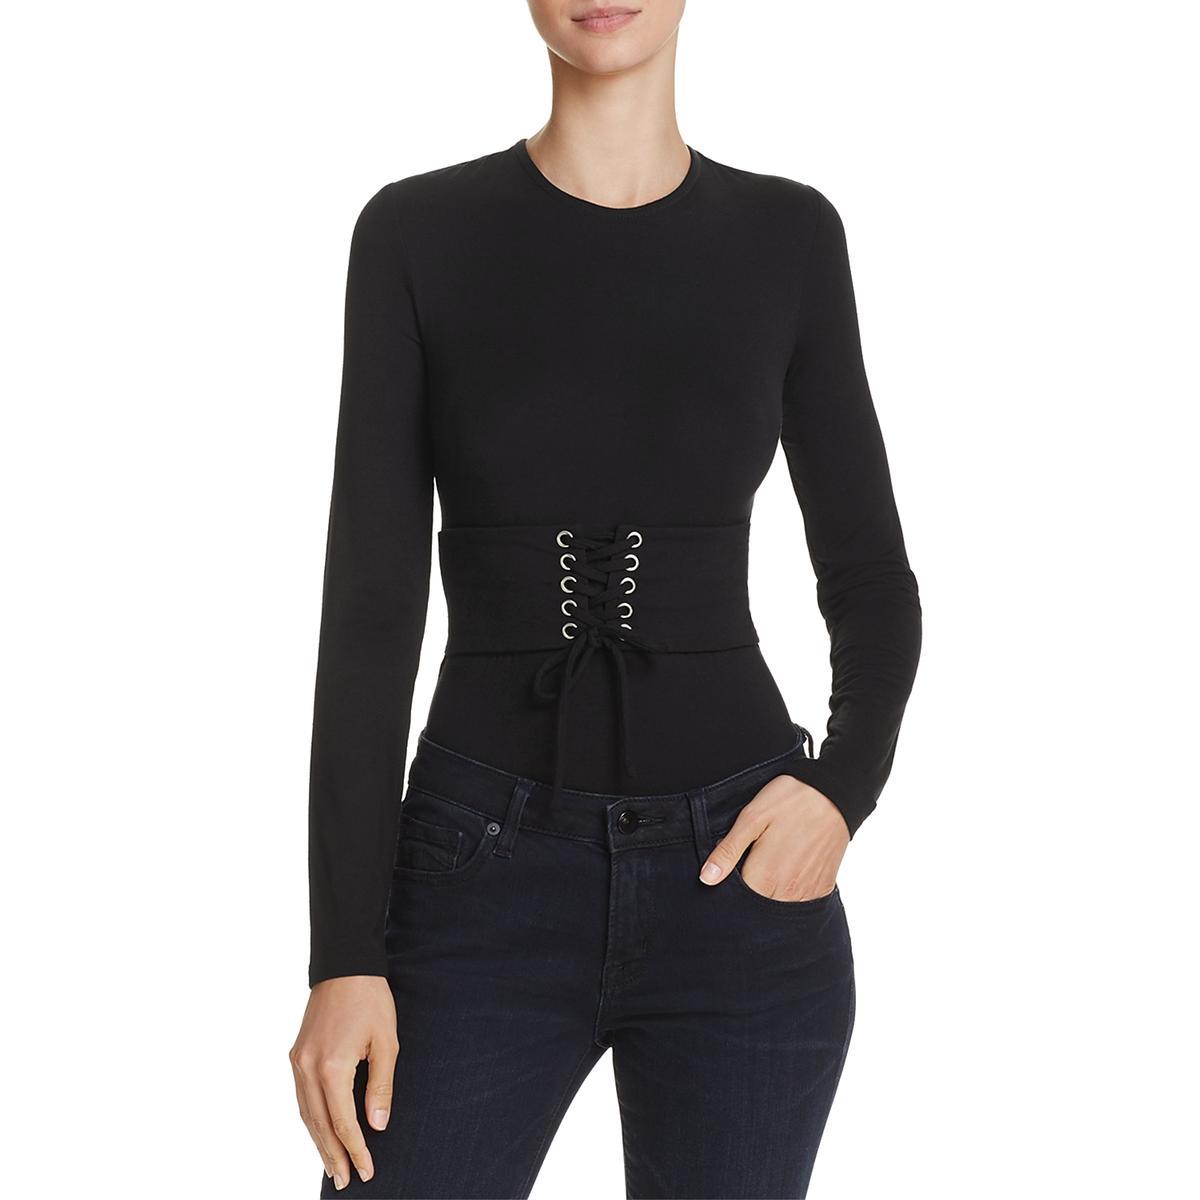 91885422 Bardot Womens Belinda Black Corset Jewel Neckline Bodysuit Top S ...